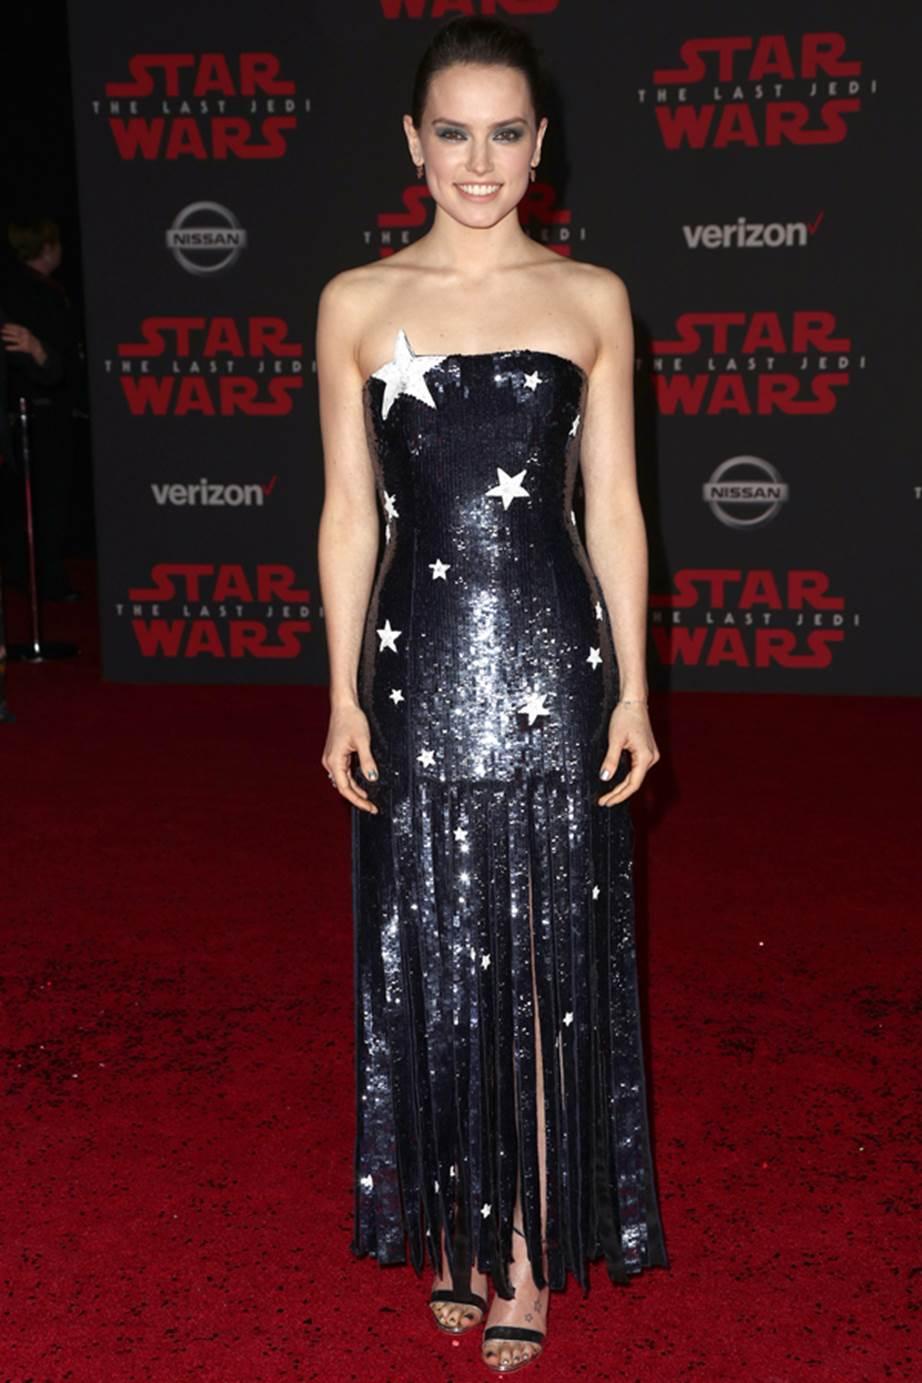 Trang phục của nữ diễn viên Daisy Ridley không thể phù hợp hơn cho sự kiện ra mắt Star Wars. Nàng Rey chọn cho mình thiết kế với họa tiết ngôi sao gợi cảm từ Monse.